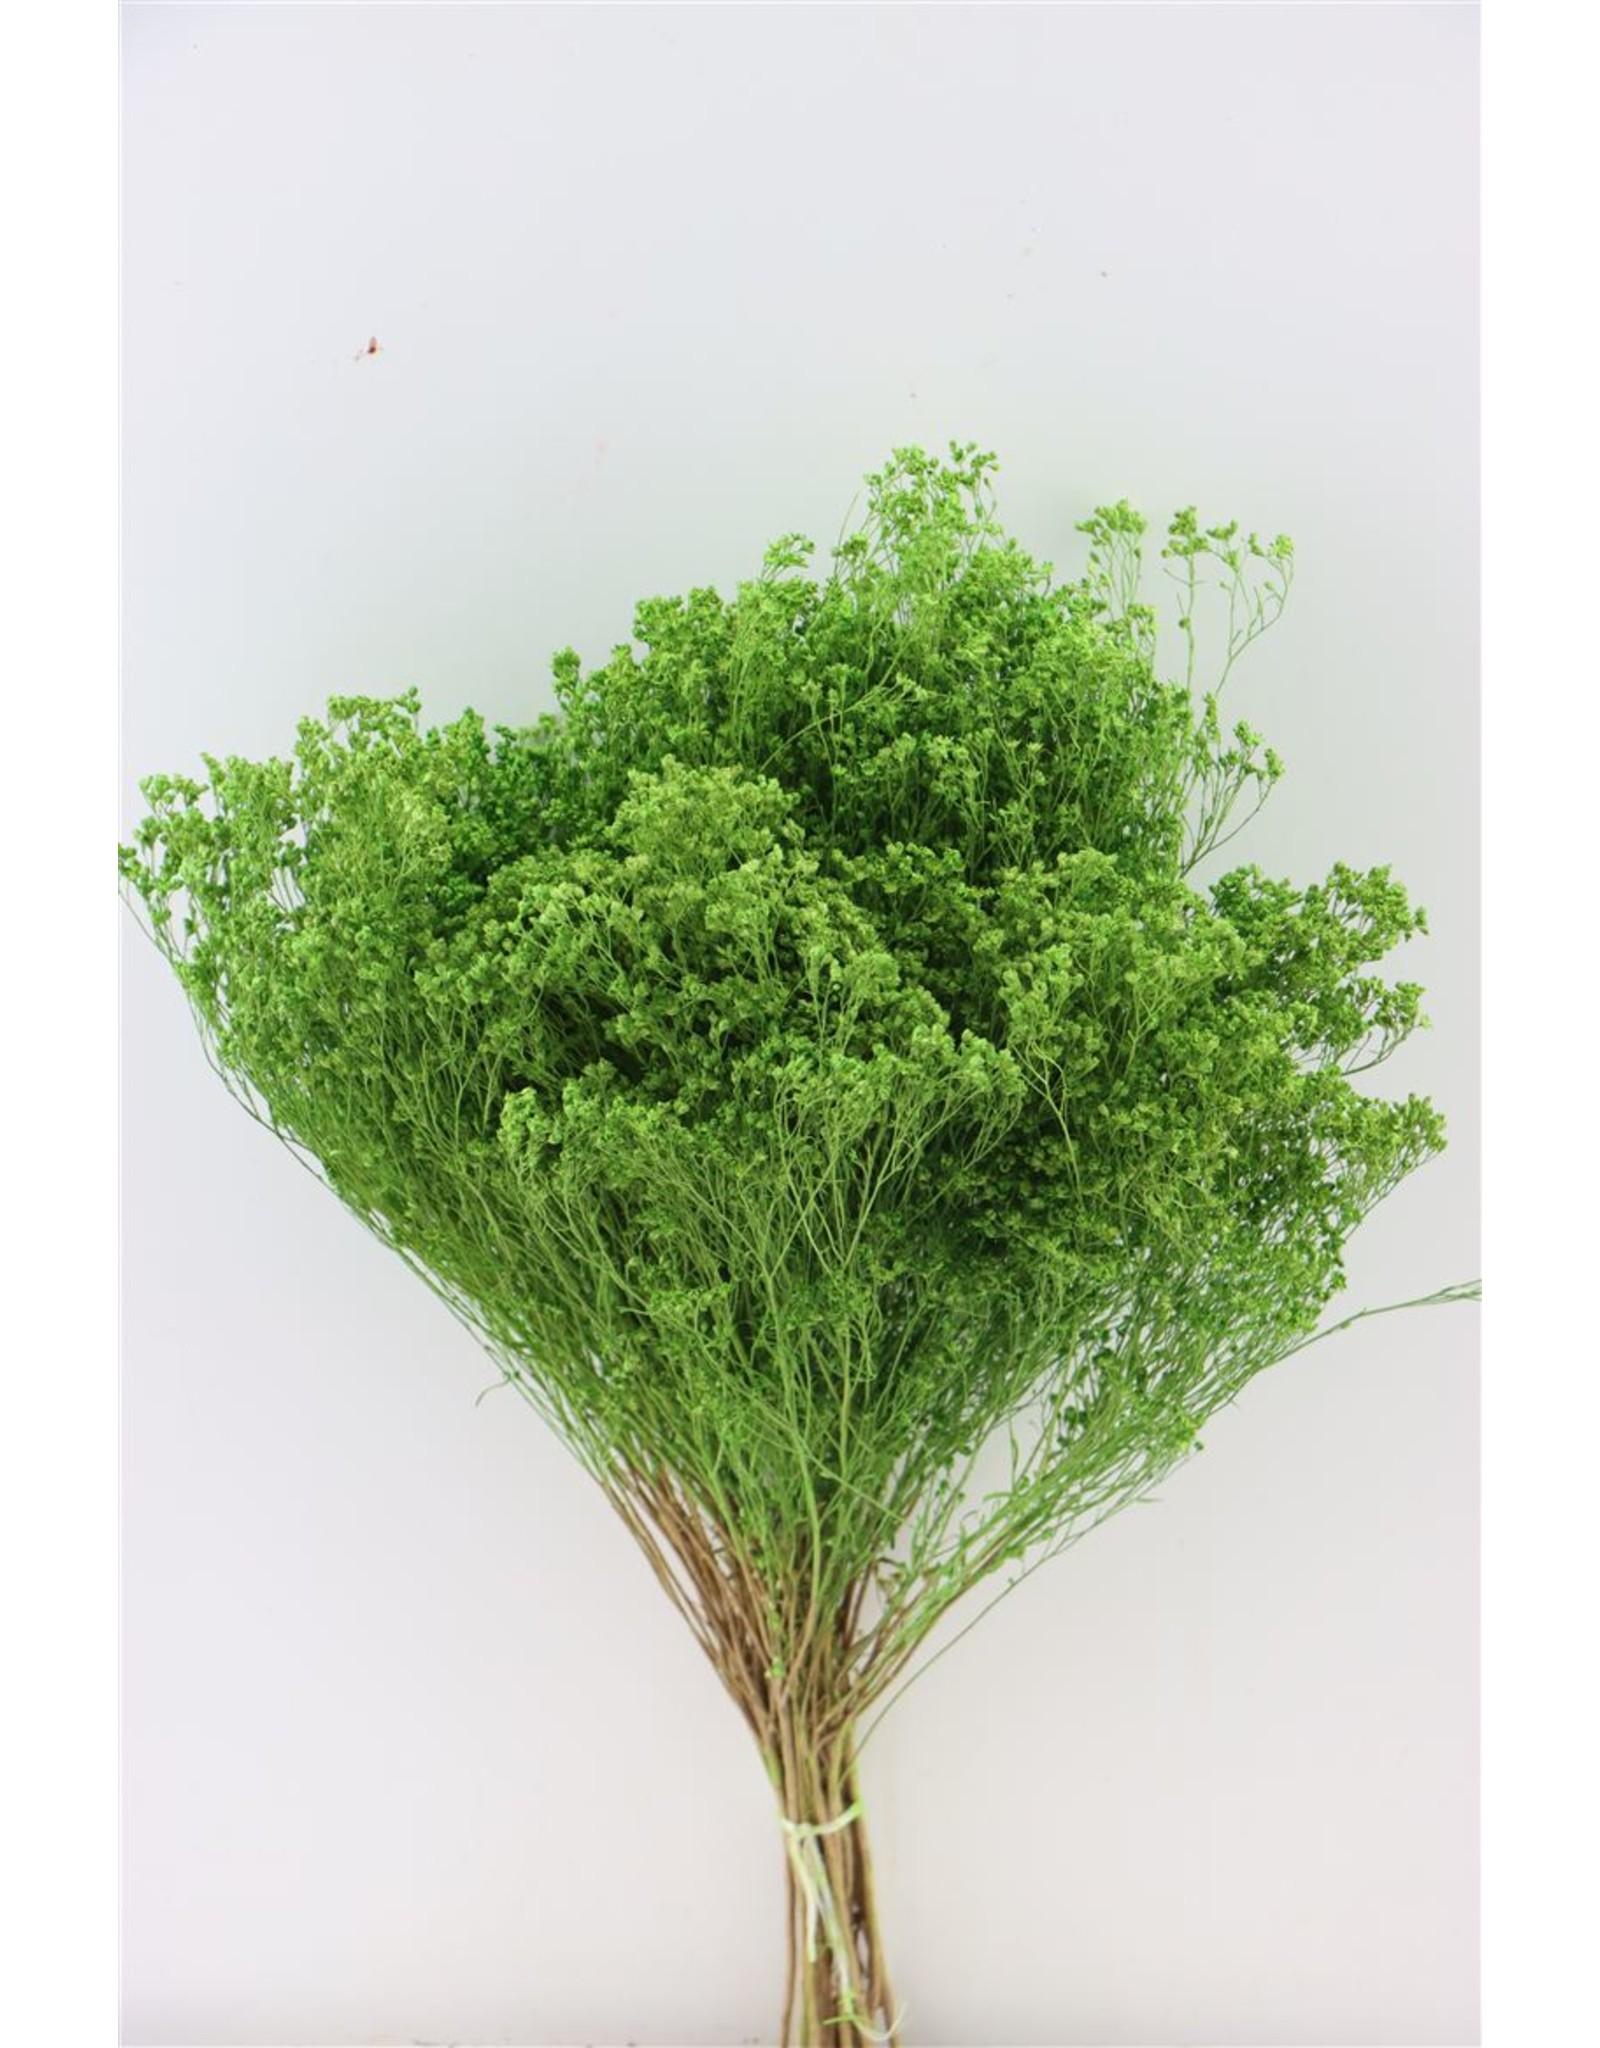 GF Dried Broom Bloom Mint Green Bunch x 3